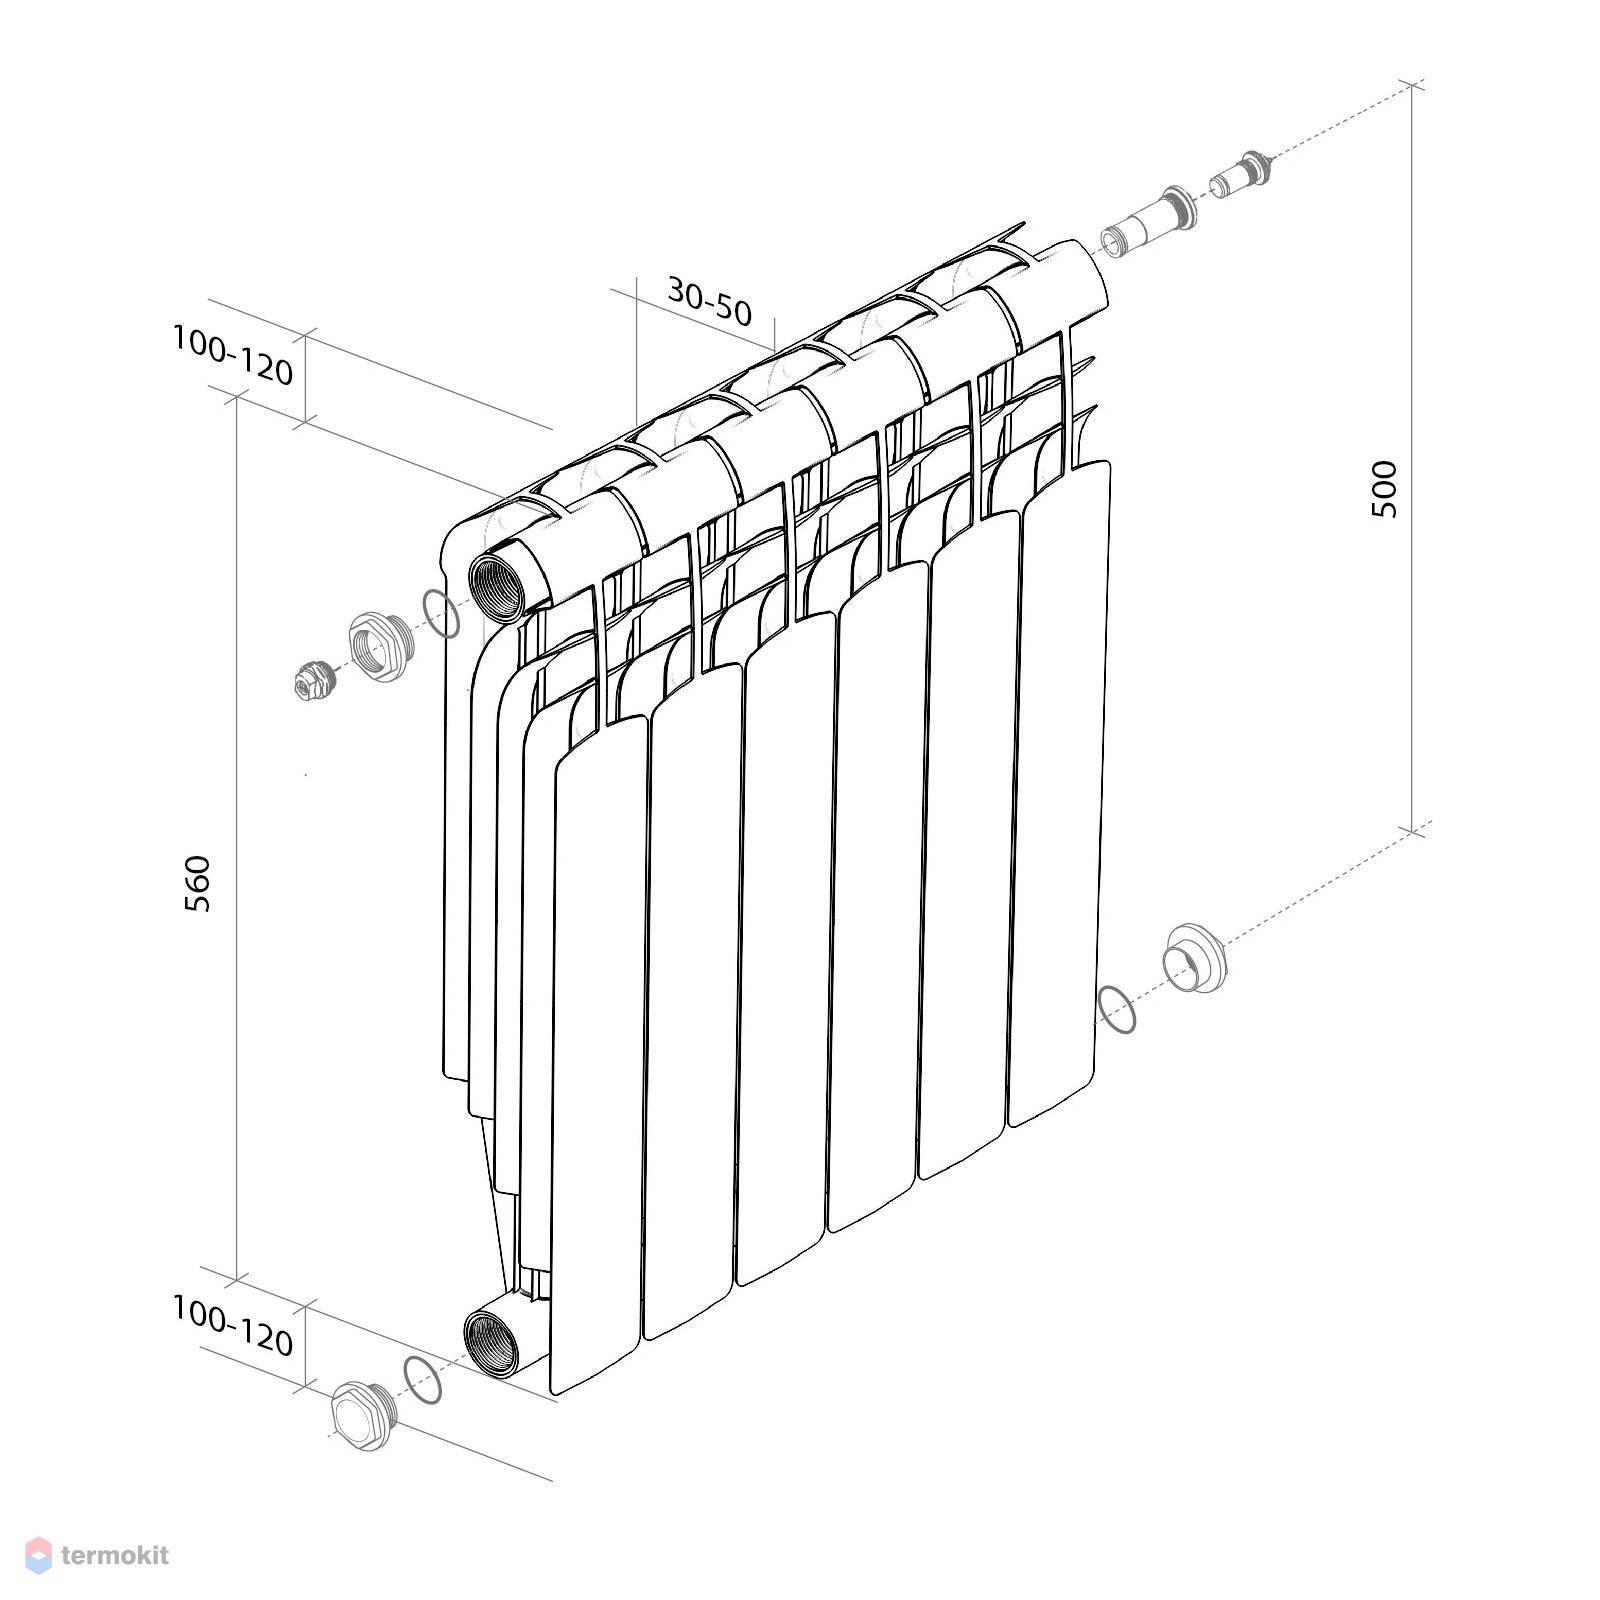 Какие радиаторы лучше, алюминиевые или биметаллические: экспертное мнение